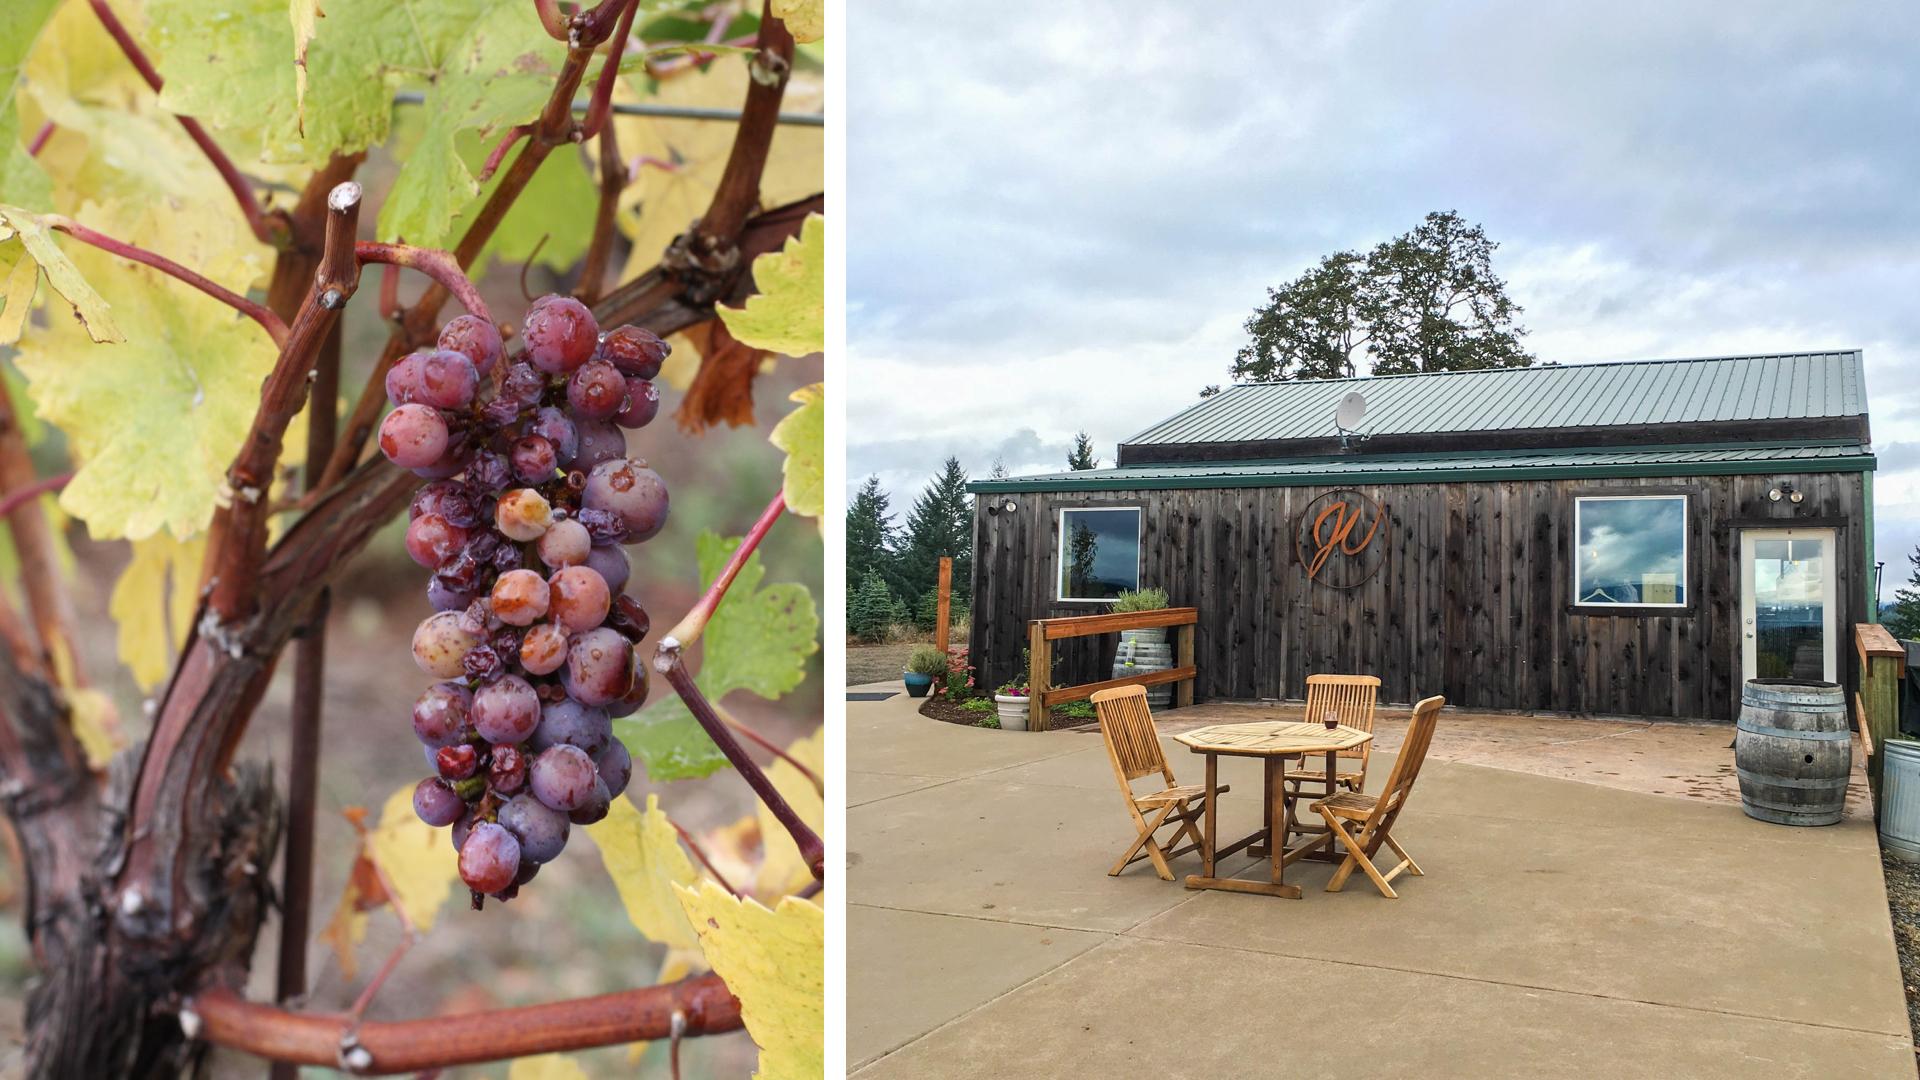 J wrigley vineyards